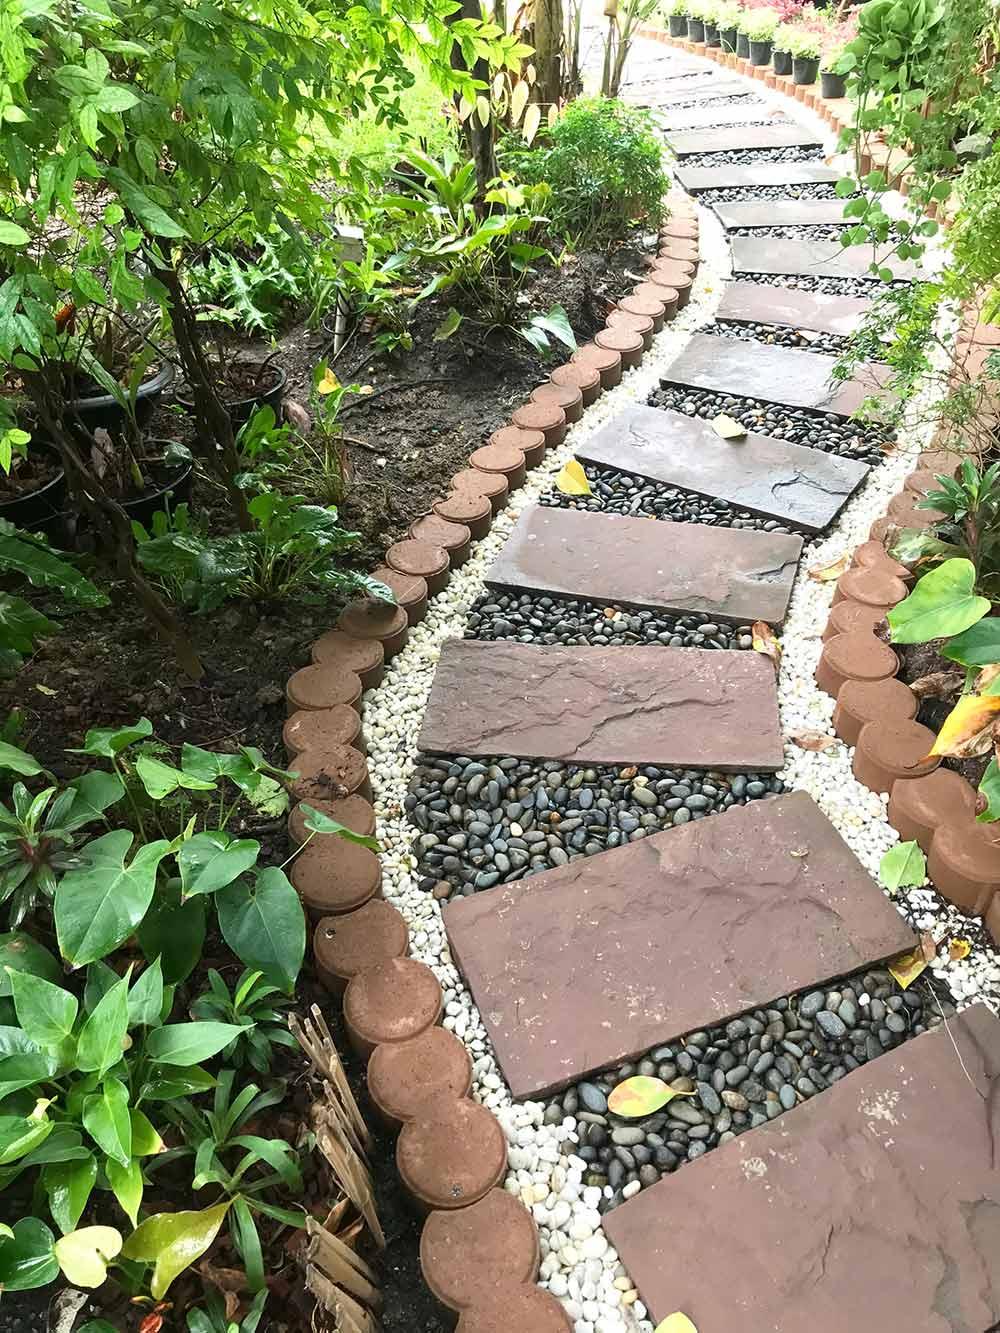 タイルを置くだけでオシャレな小道に タイルの回りに砂利を敷くと簡単にできる